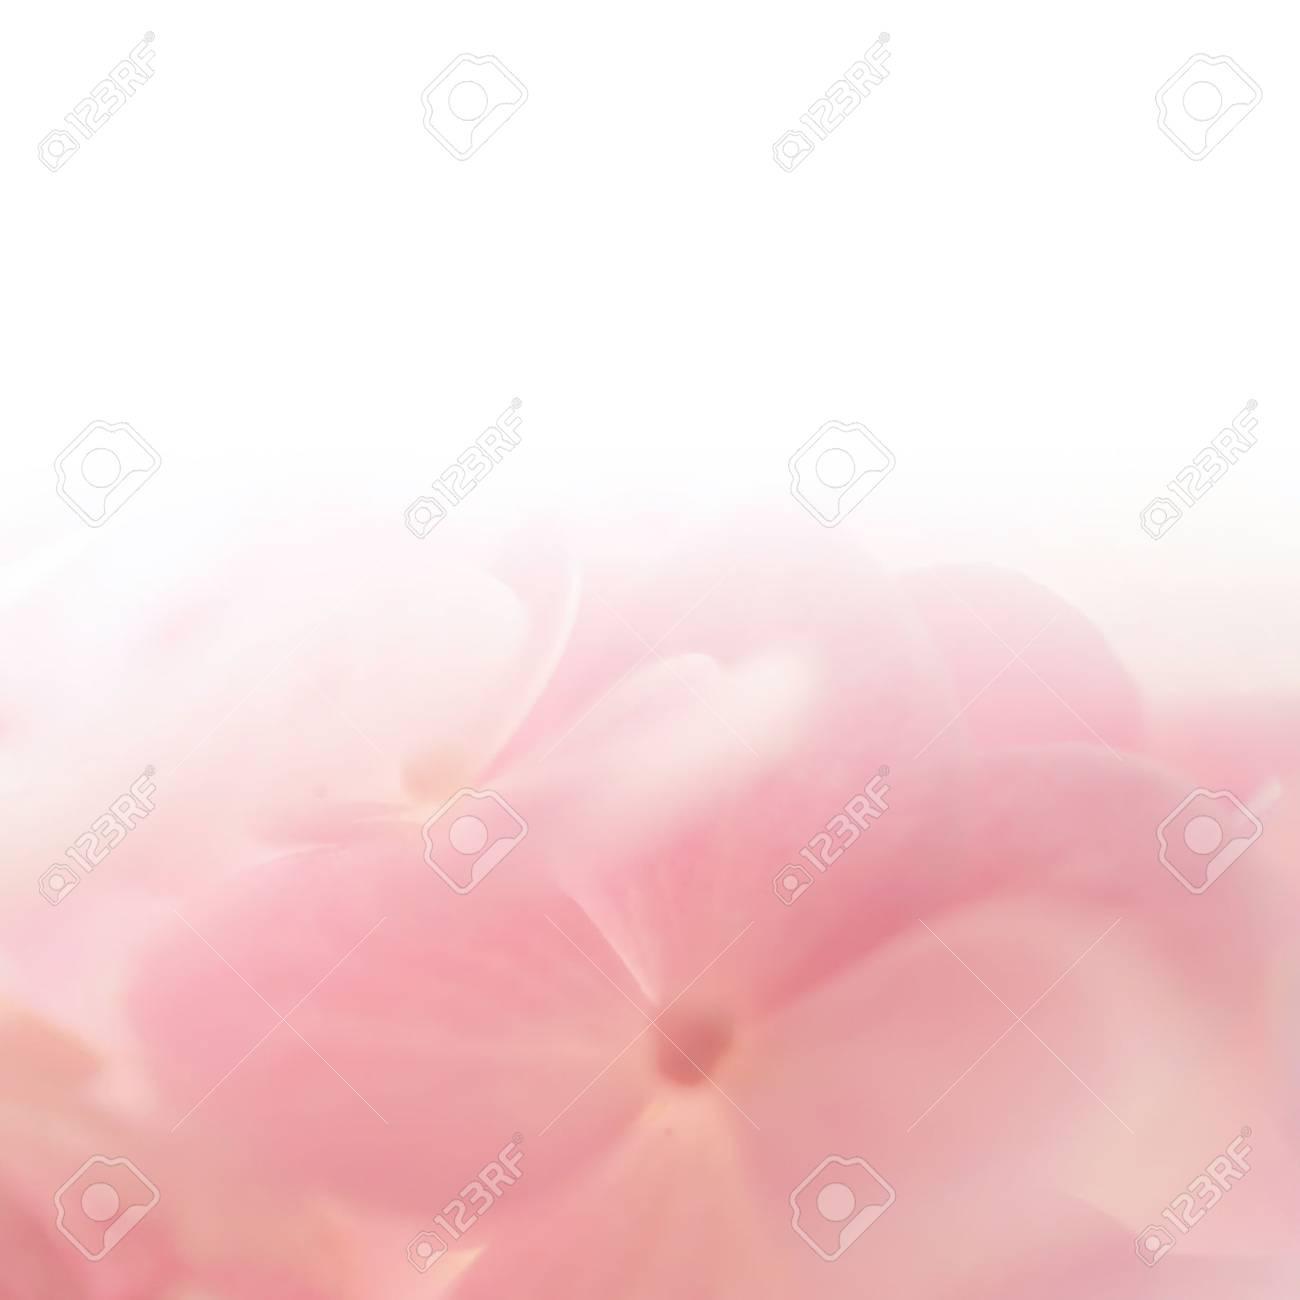 Süße Farbe Hortensie In Weichen Farben Und Unschärfe Stil Für ...